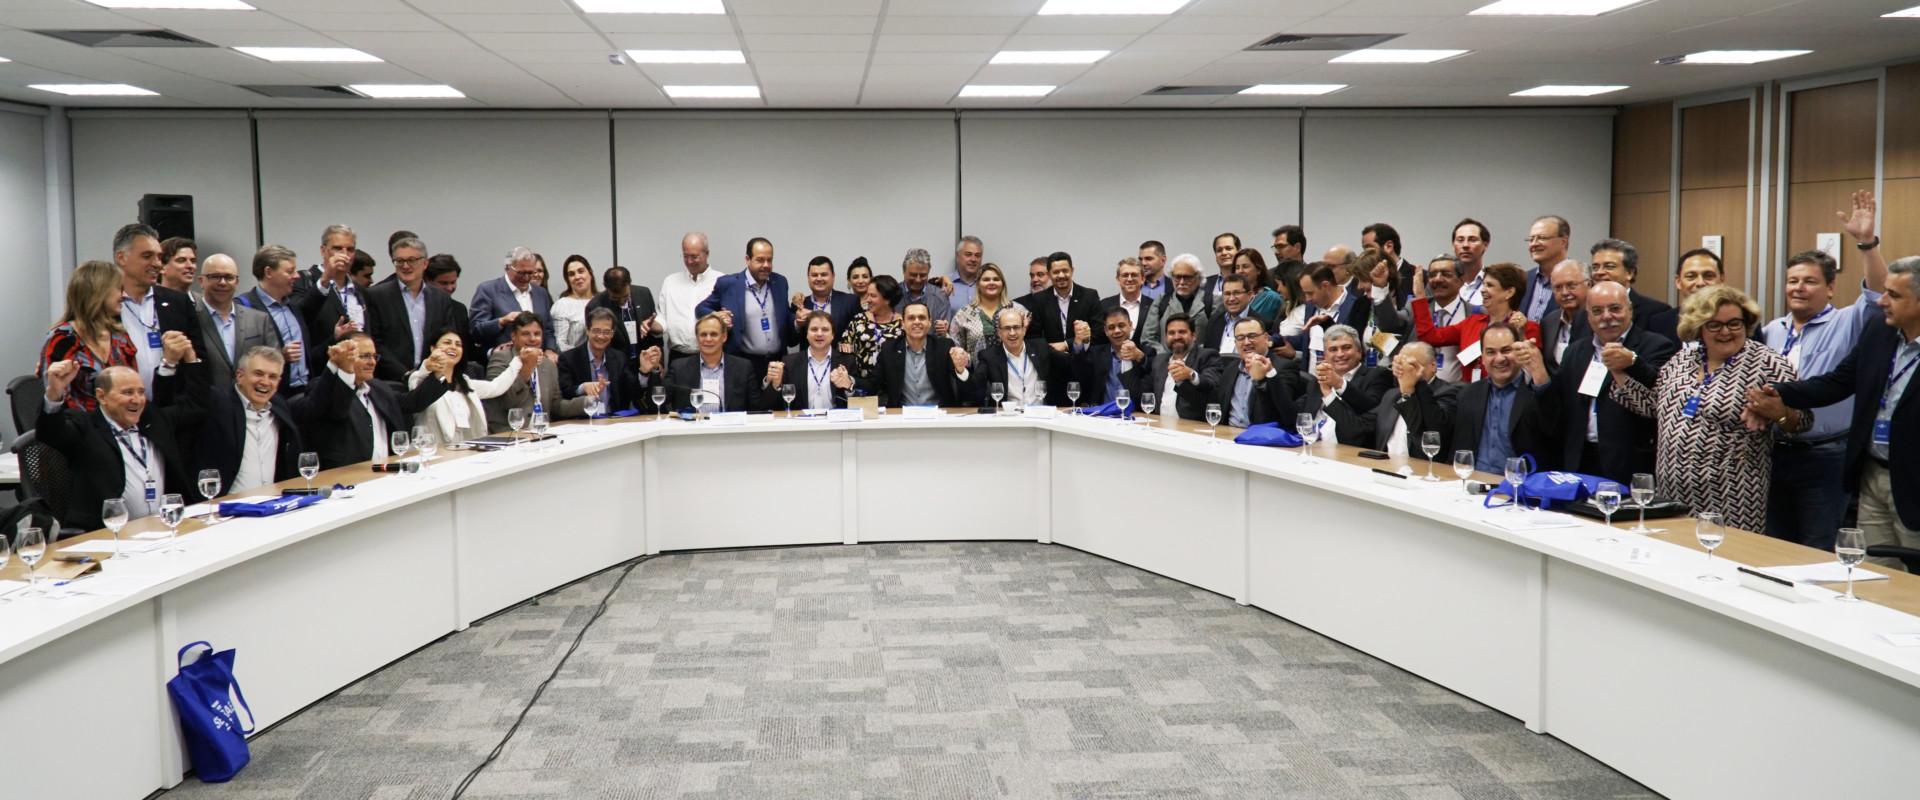 Reunião da ABASE em Minas Gerais